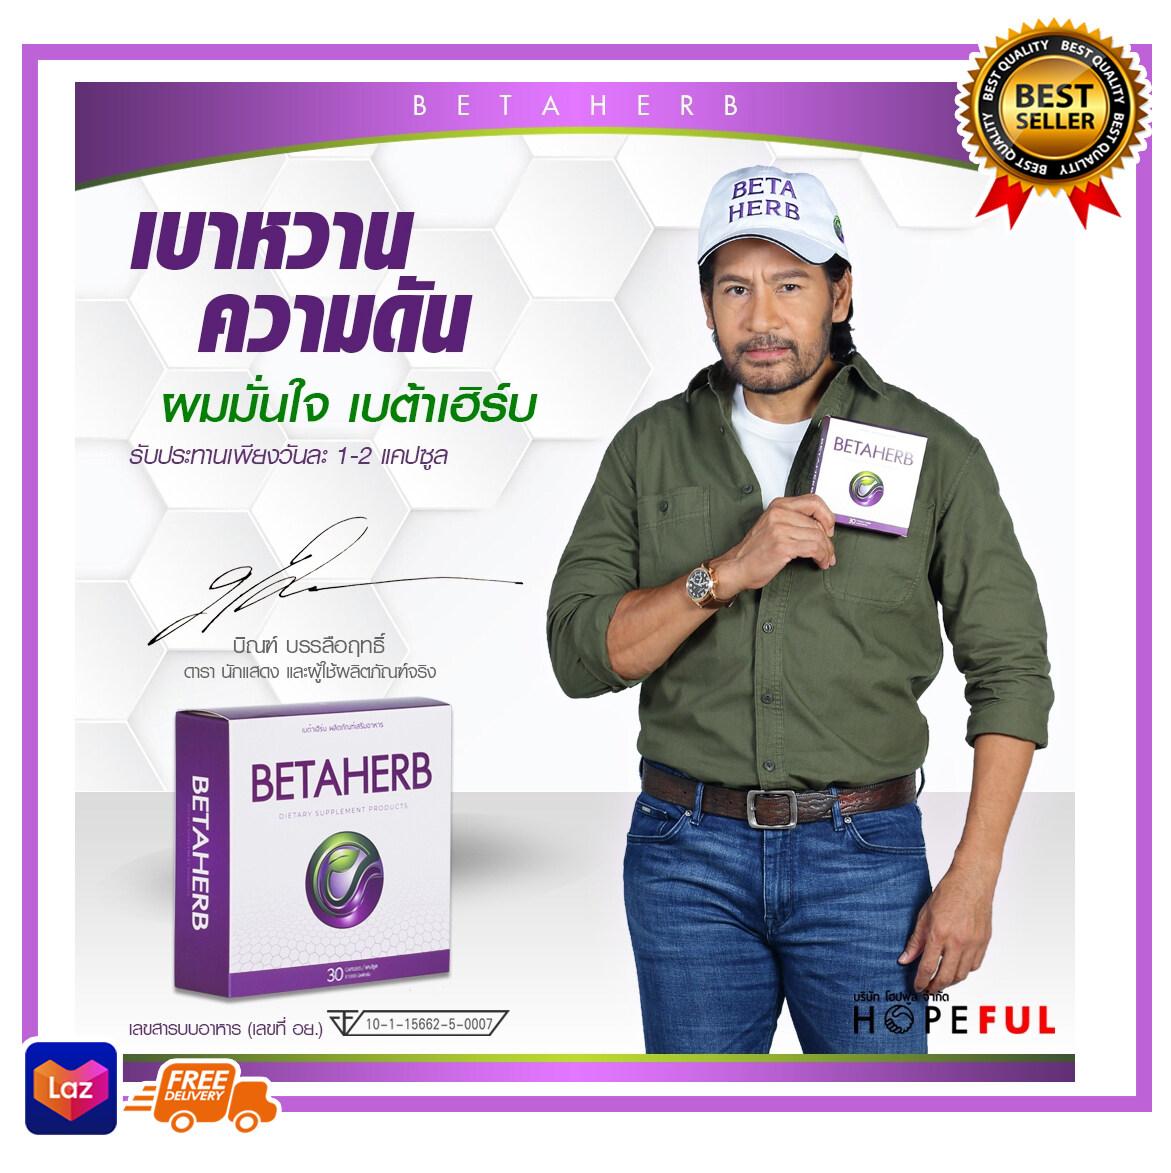 ส่งฟรี เคอรี่ Betaherb ( เบต้าเฮิร์บ) สำหรับผู้ที่คุมเบาหวาน คุมความดัน ระดับน้ำตาลในเลือด คอลเลสเตอรอล สำหรับผู้ที่เป็น เบาหวาน (30 แคปซูล)